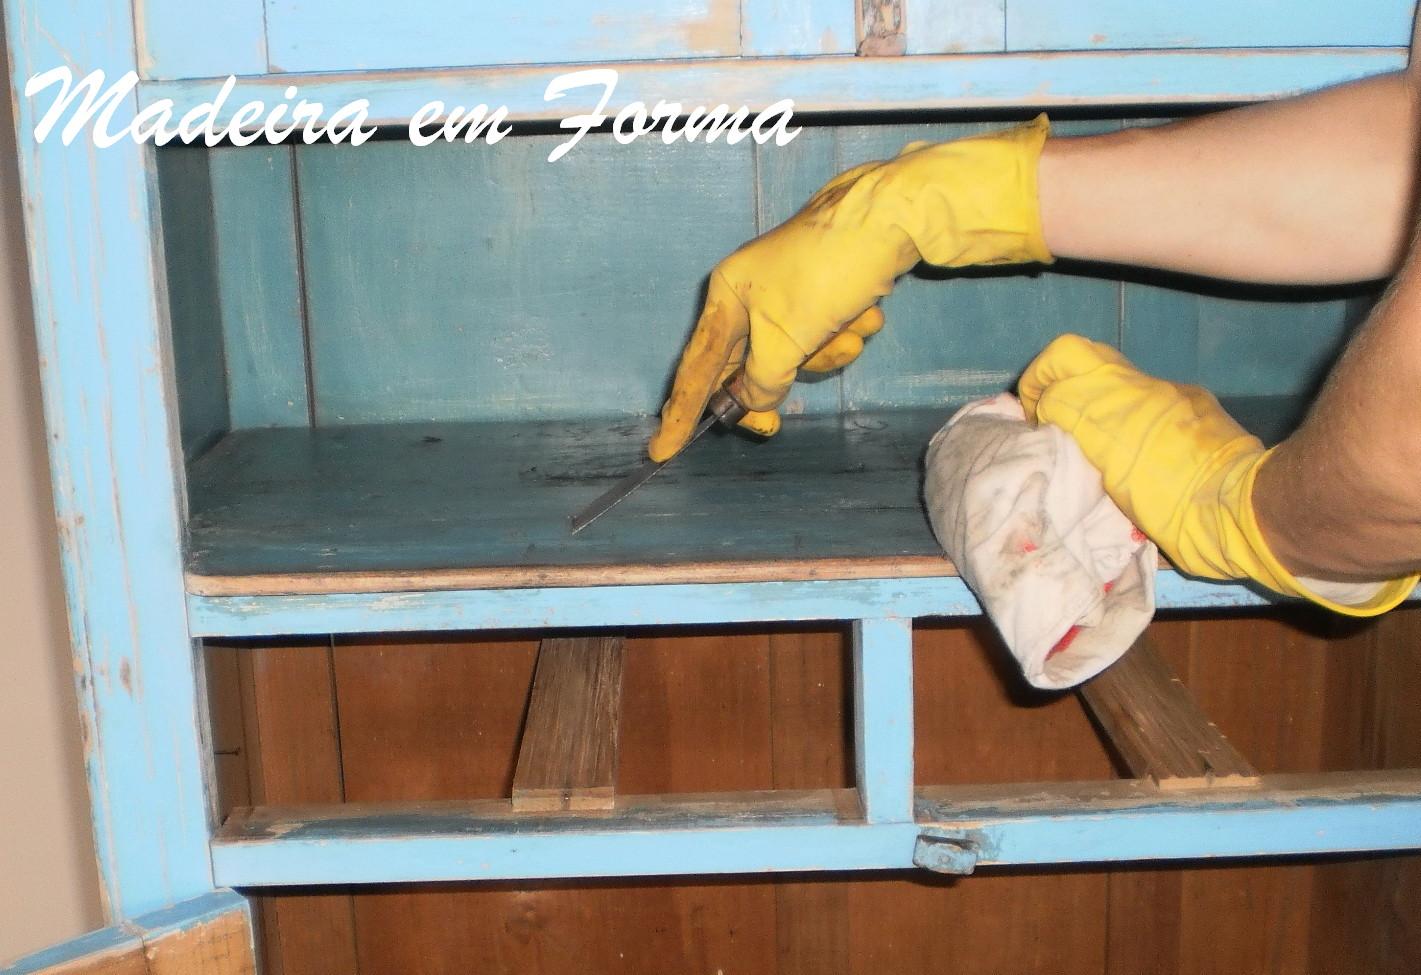 #B98D12 Restauração de Móveis de Época : Guarda comida e descupinização 1421x975 px como restaurar moveis de madeira passo a passo @ bernauer.info Móveis Antigos Novos E Usados Online